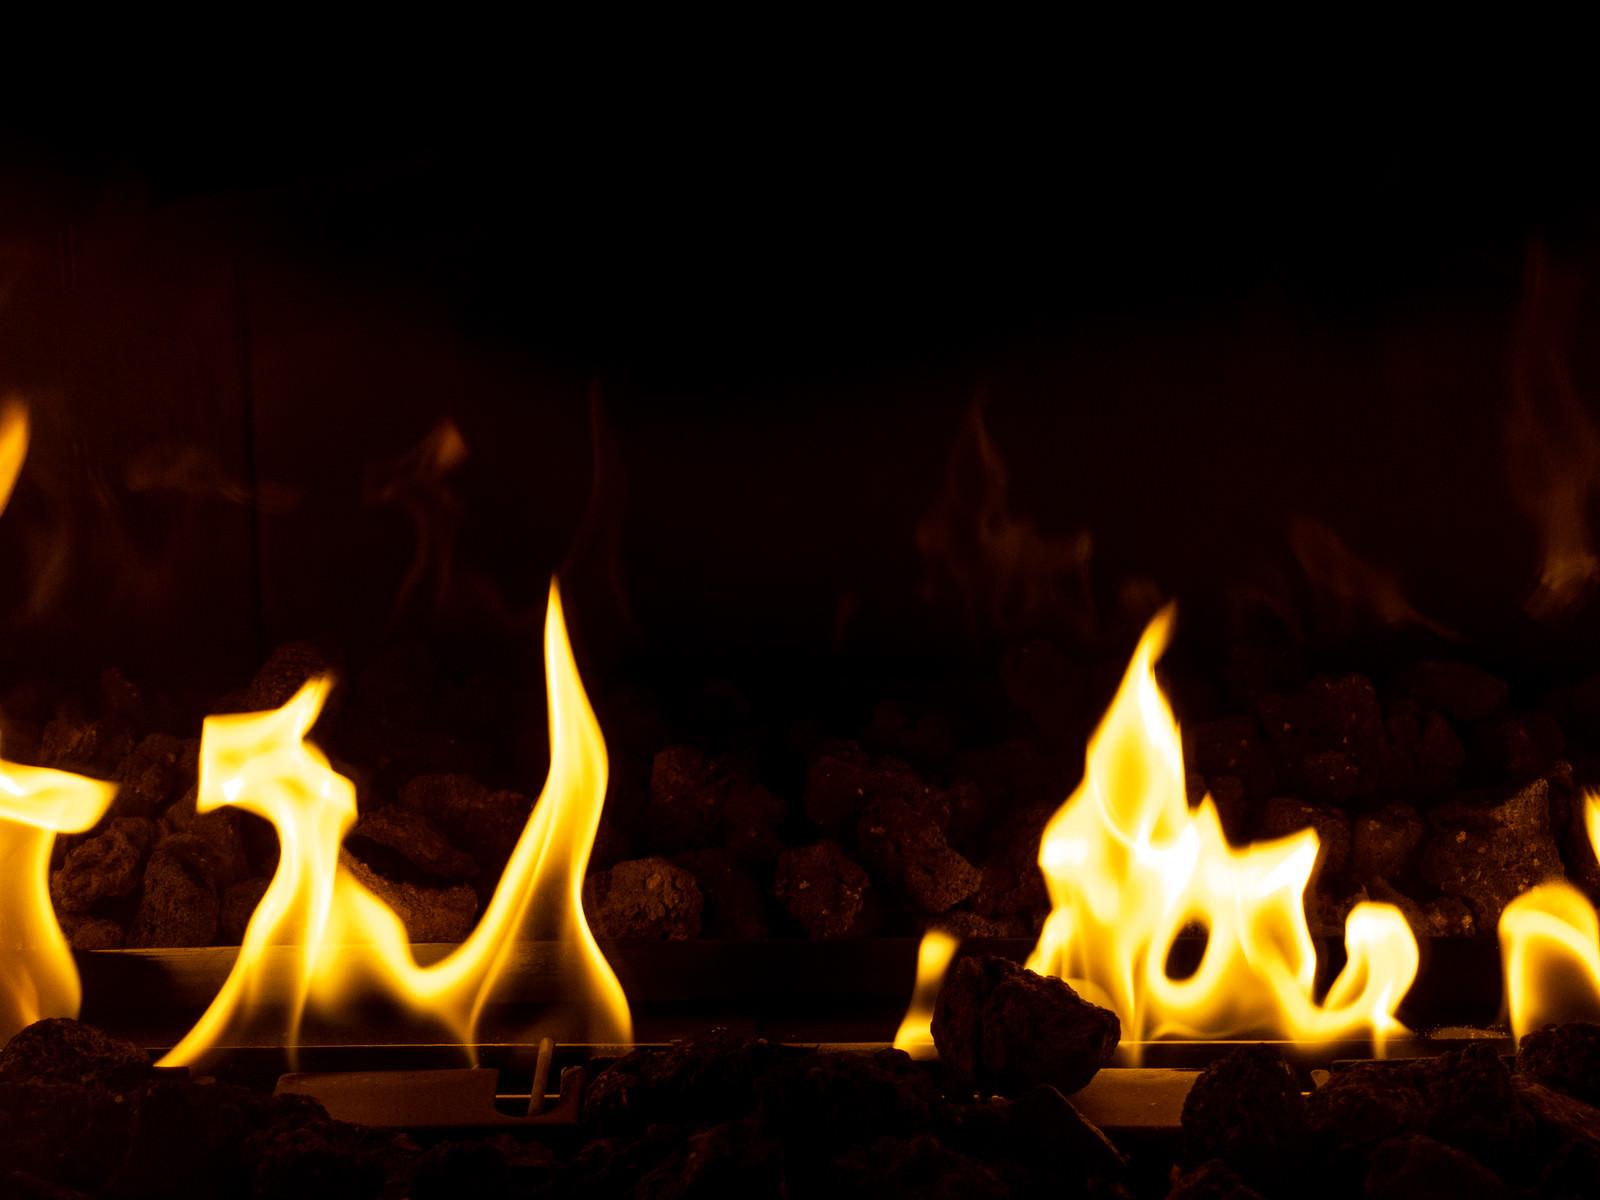 「メラメラ燃える炎」の写真